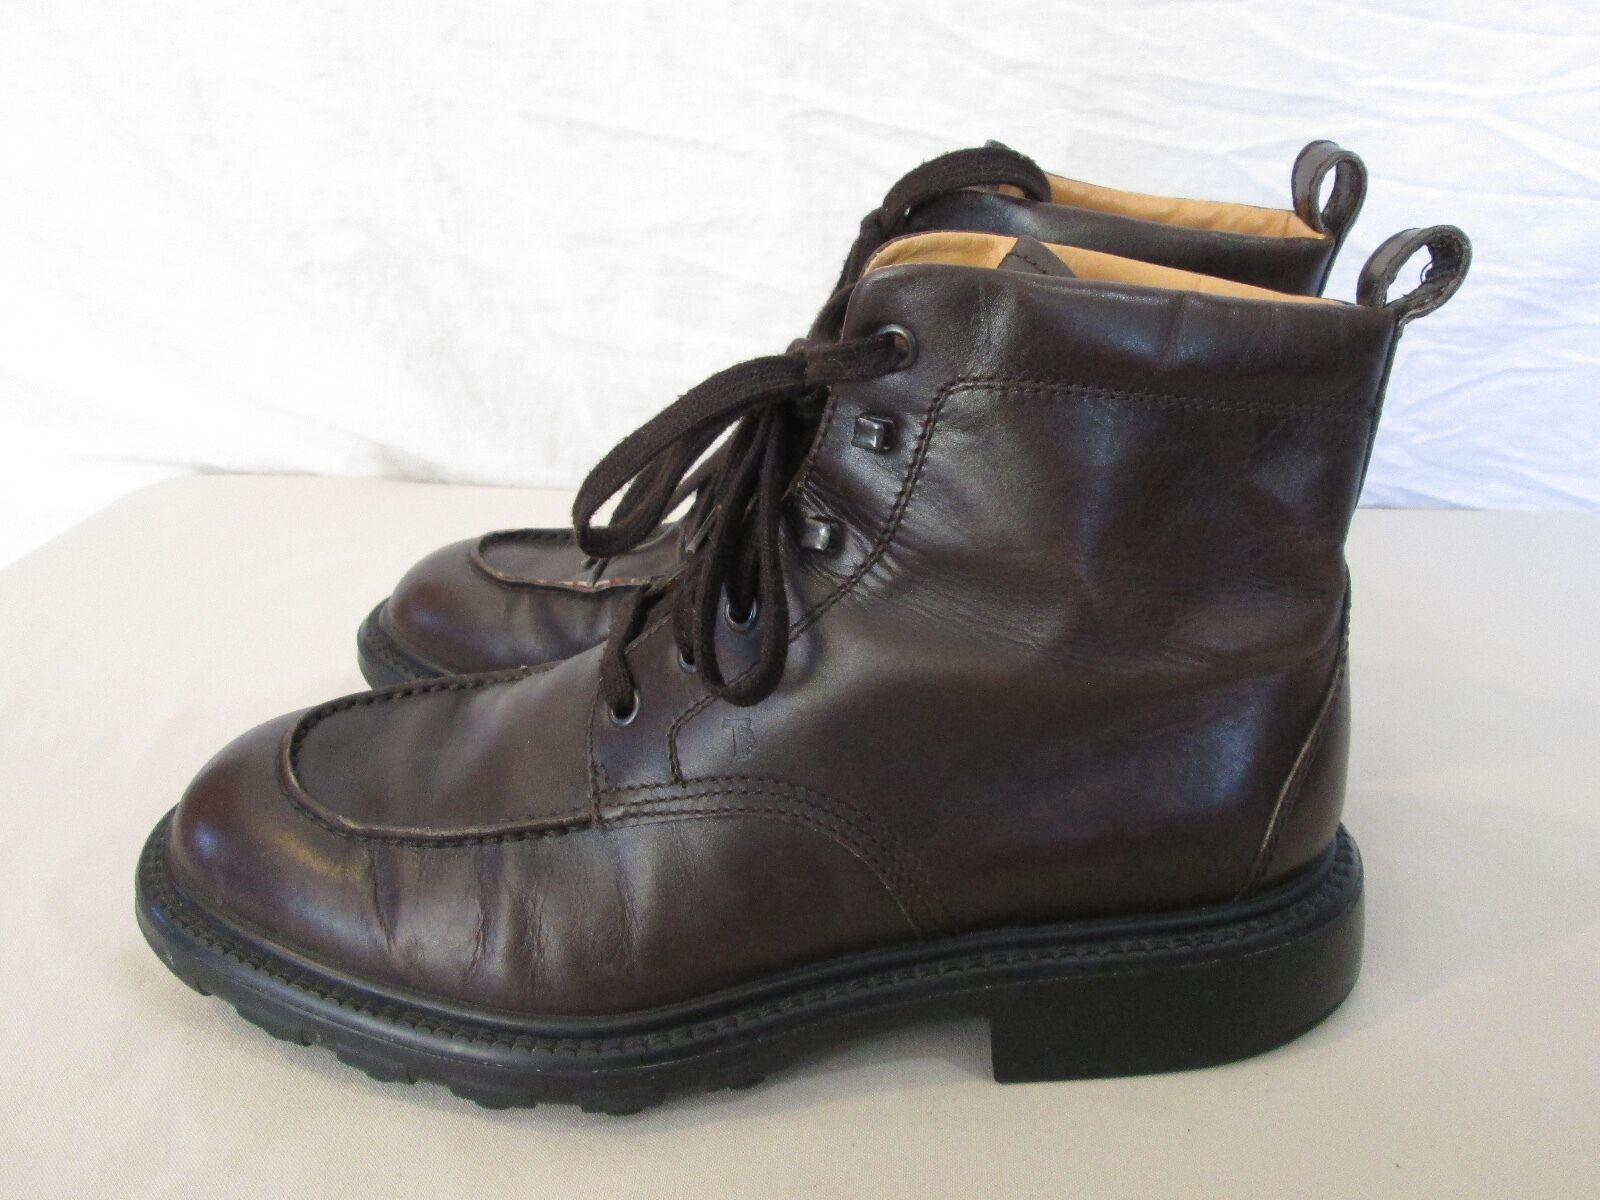 Cuero Genuino Hombres Tods Tobillo botas Con Cordones 9 10 nos en marrón